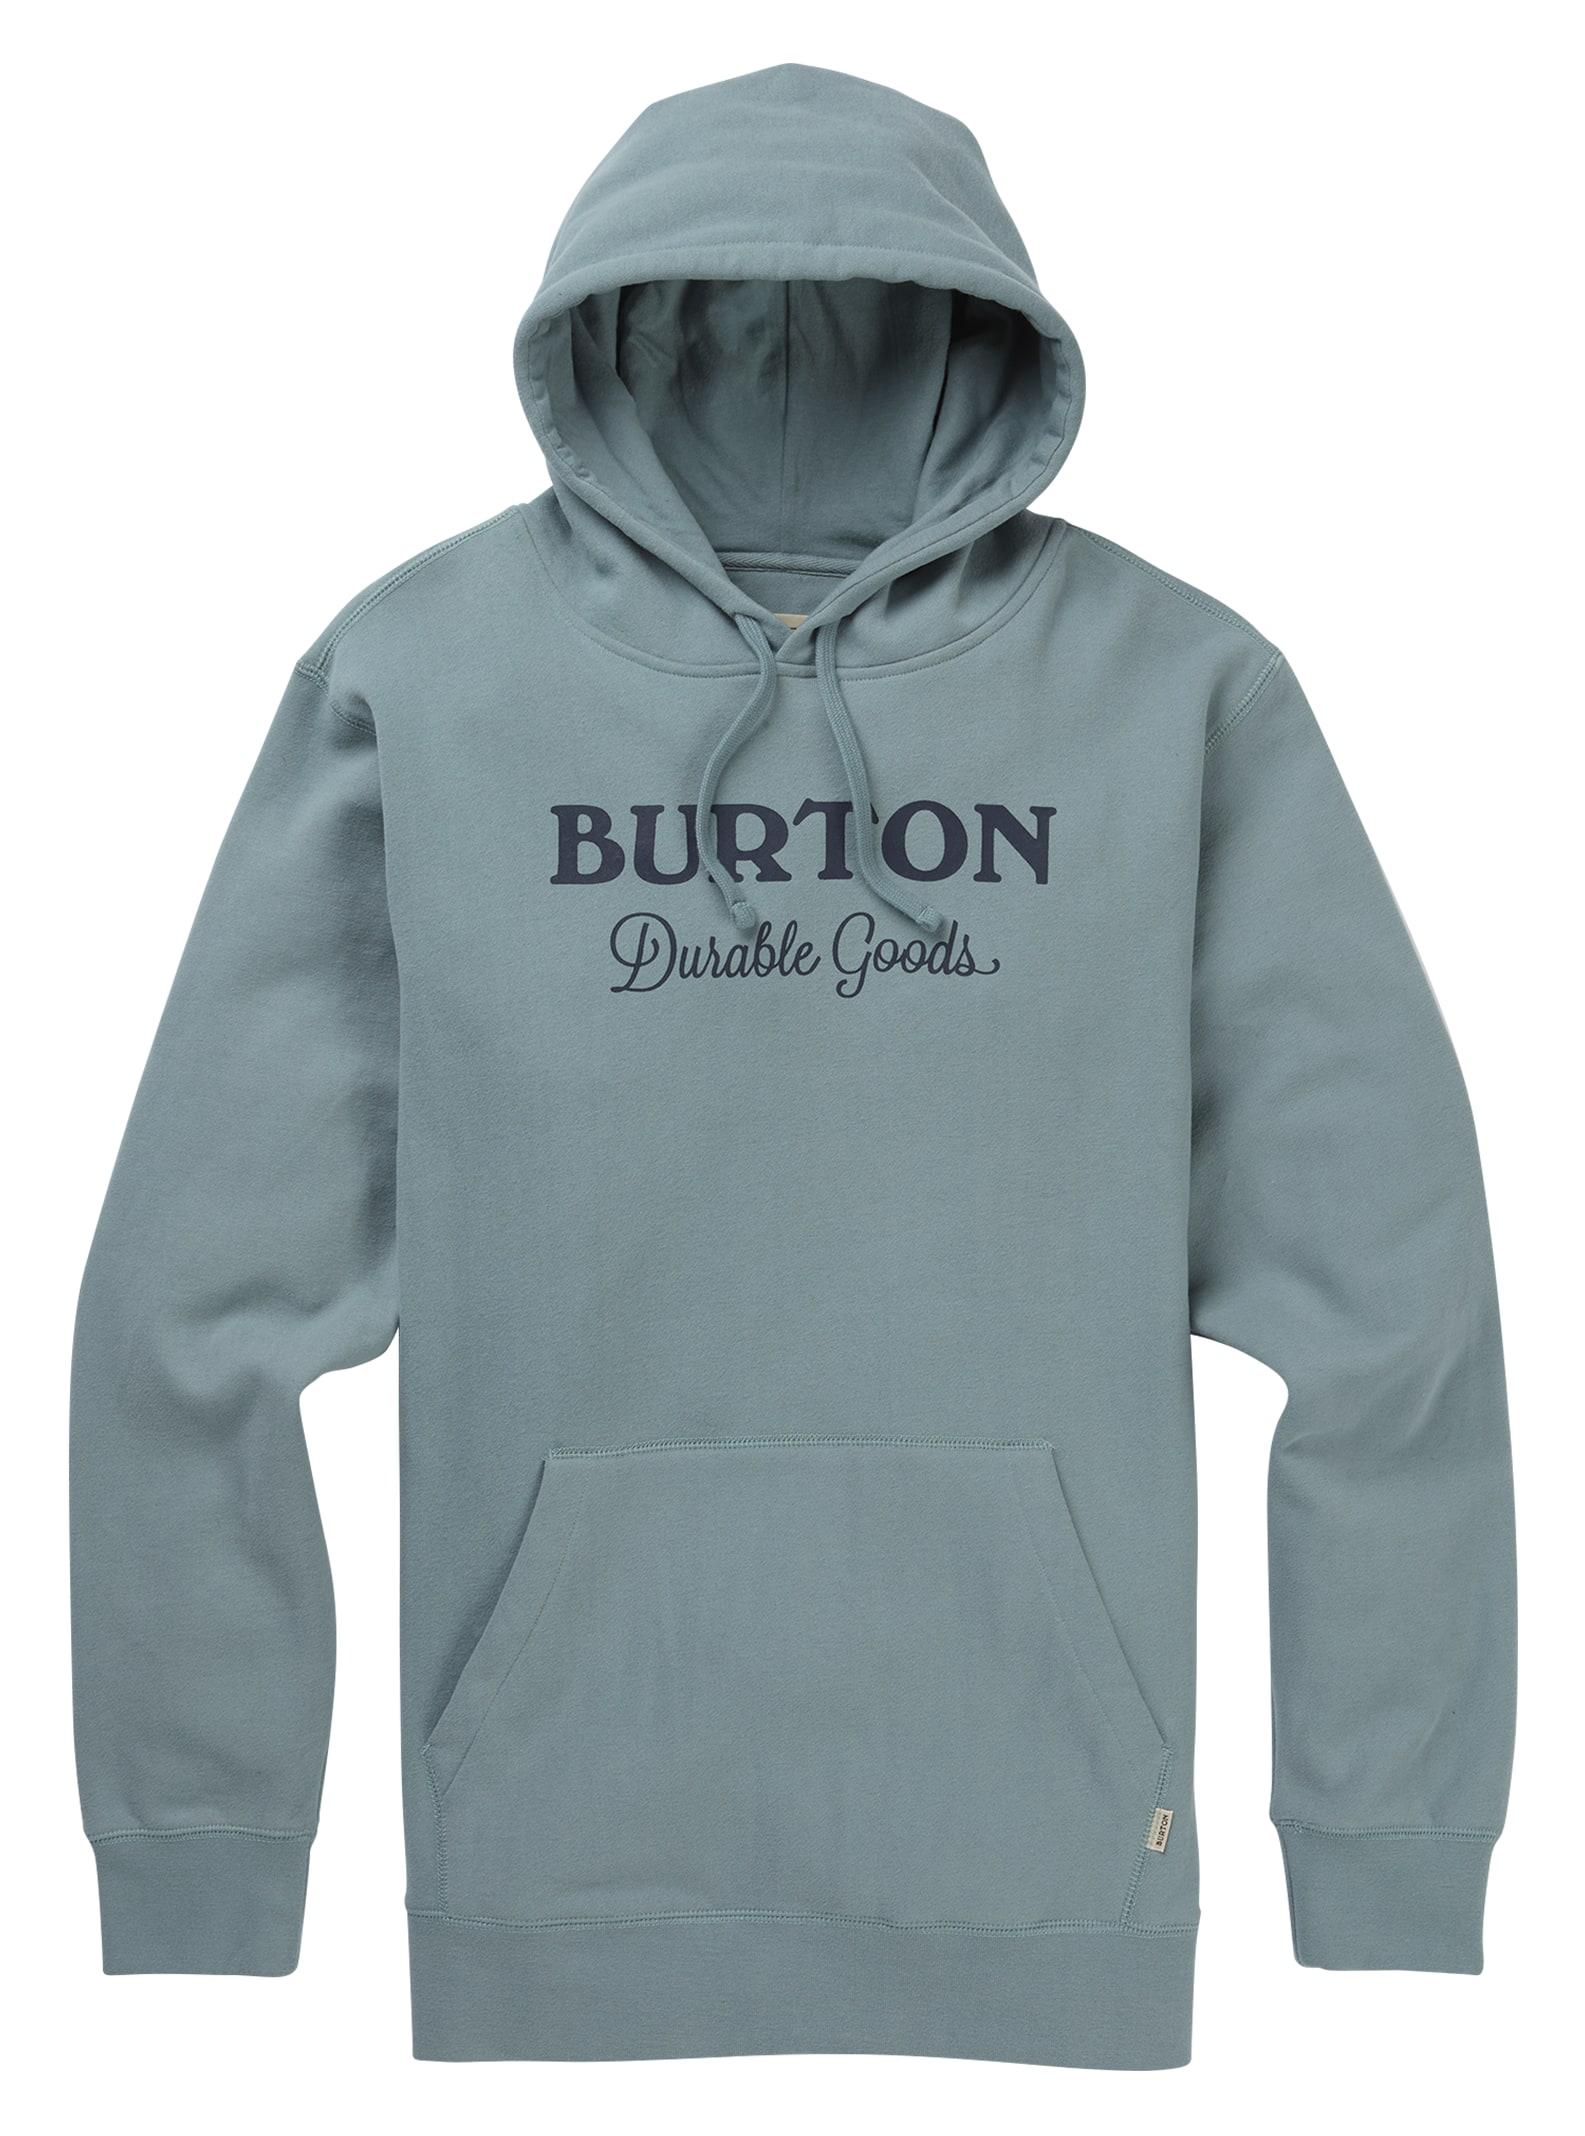 Burton – Sweat à capuche Durable Goods homme